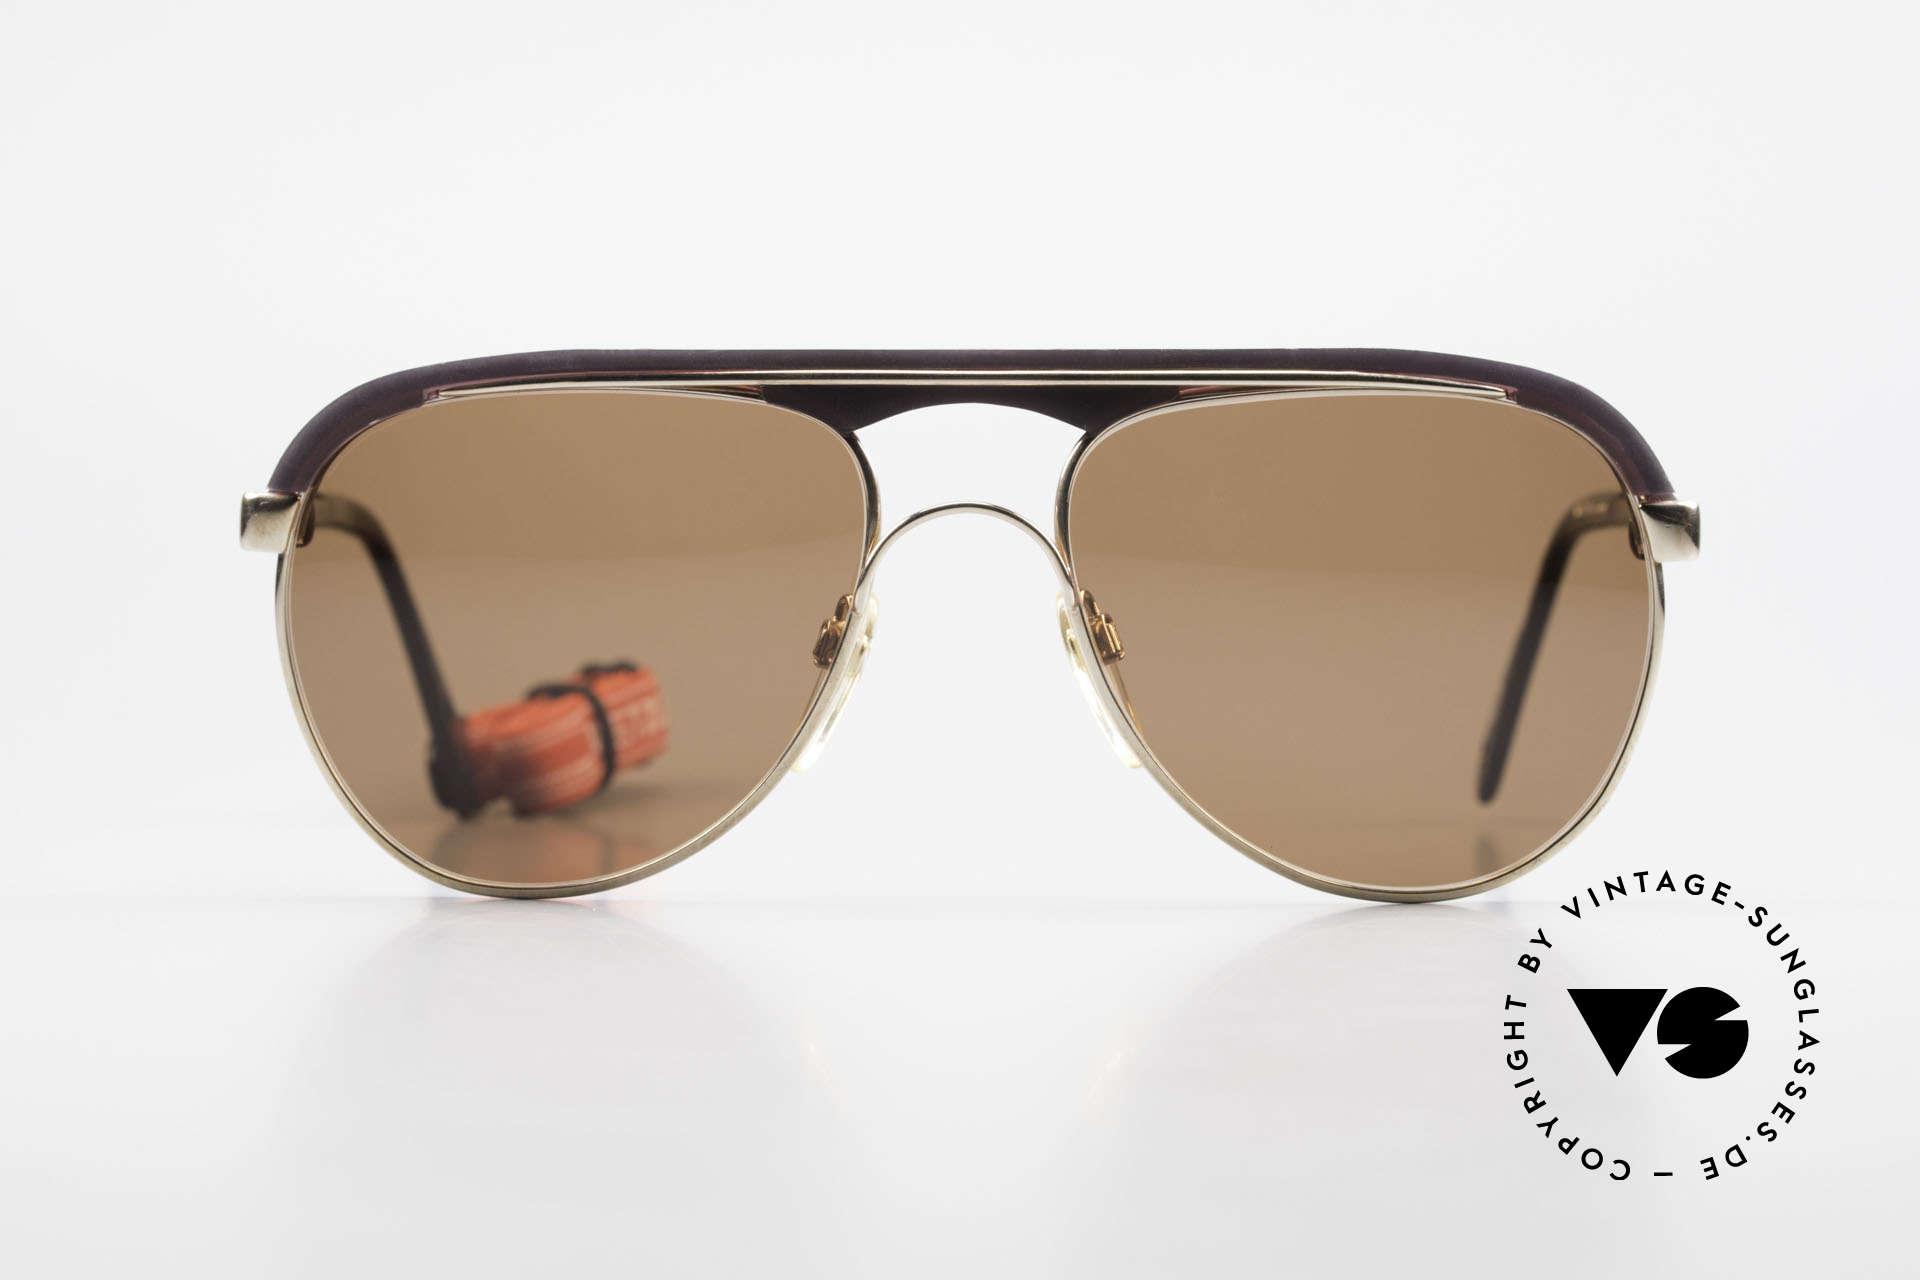 Metzler 0250 Echt 80er Sportsonnenbrille, mit Sportband für idealen Halt bei div. Aktivitäten, Passend für Herren